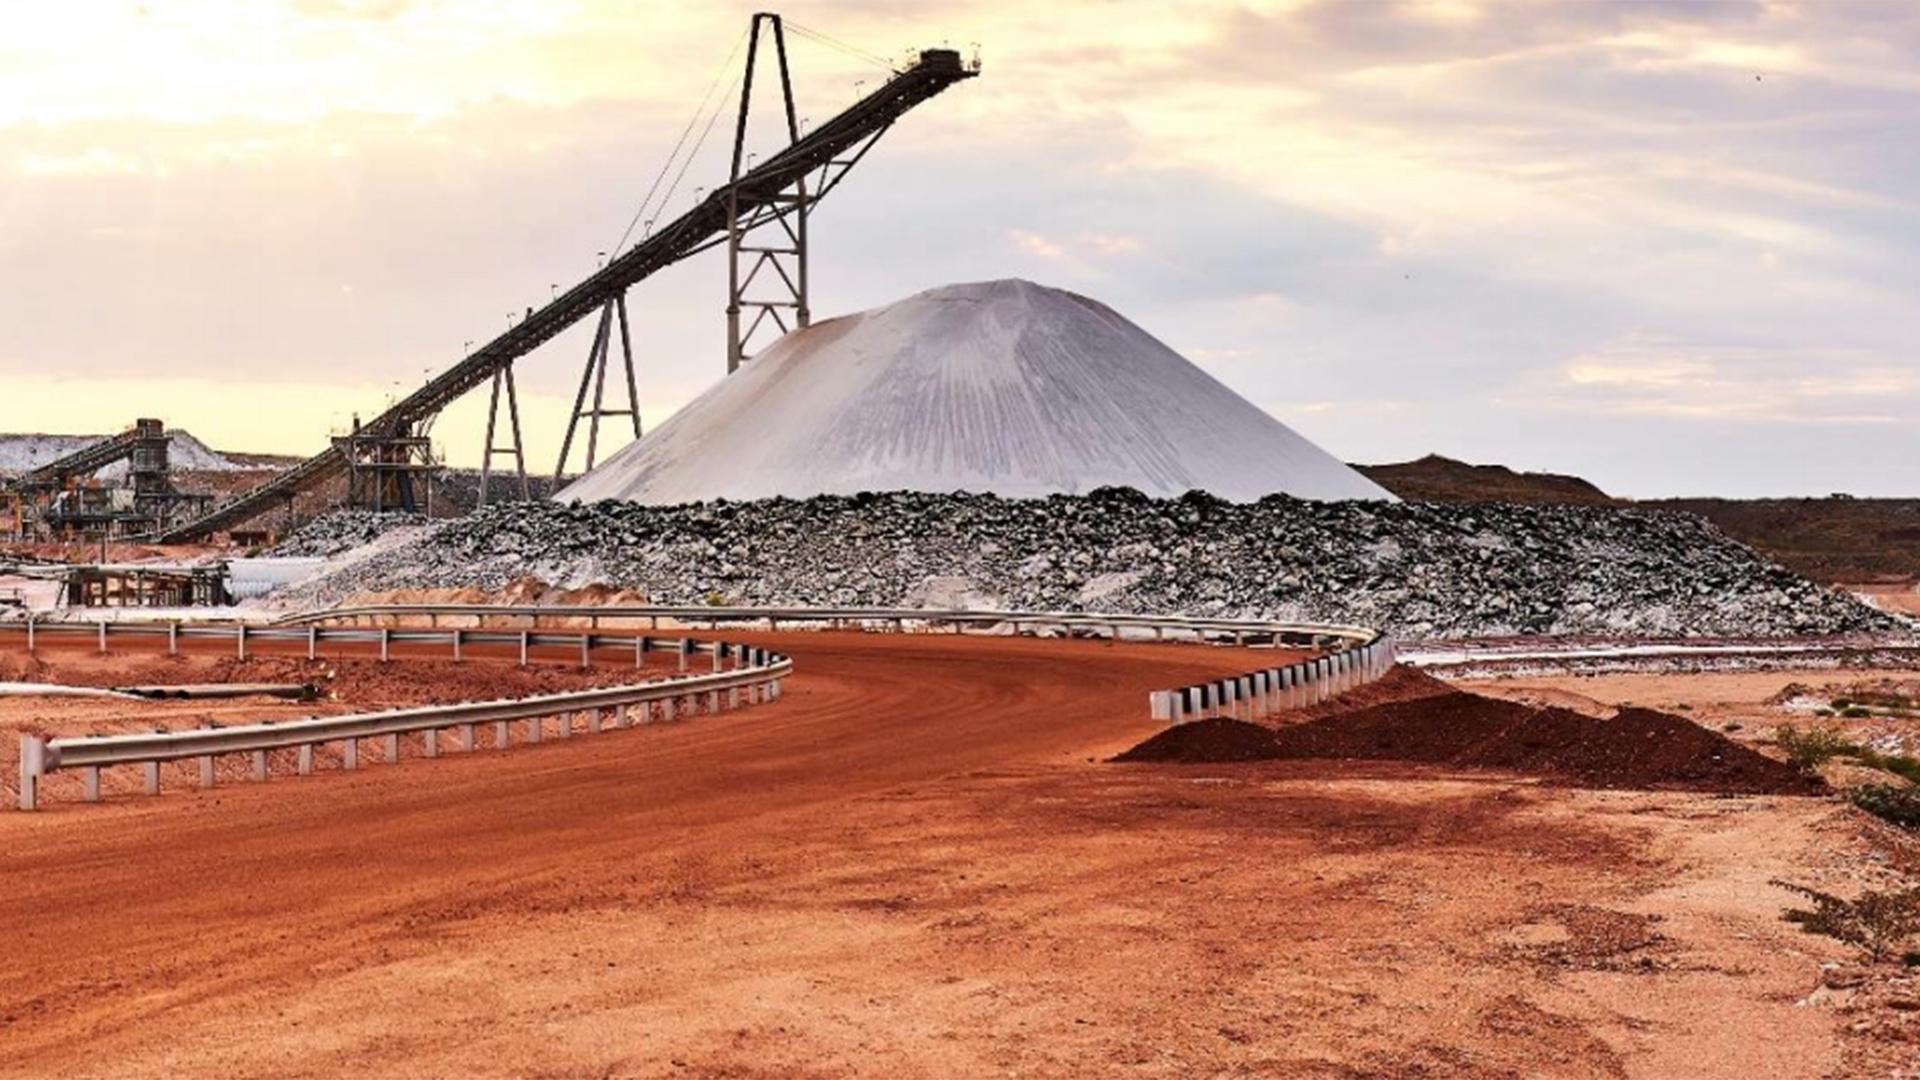 Pilbara Minerals (ASX:PLS) secures new debt facility